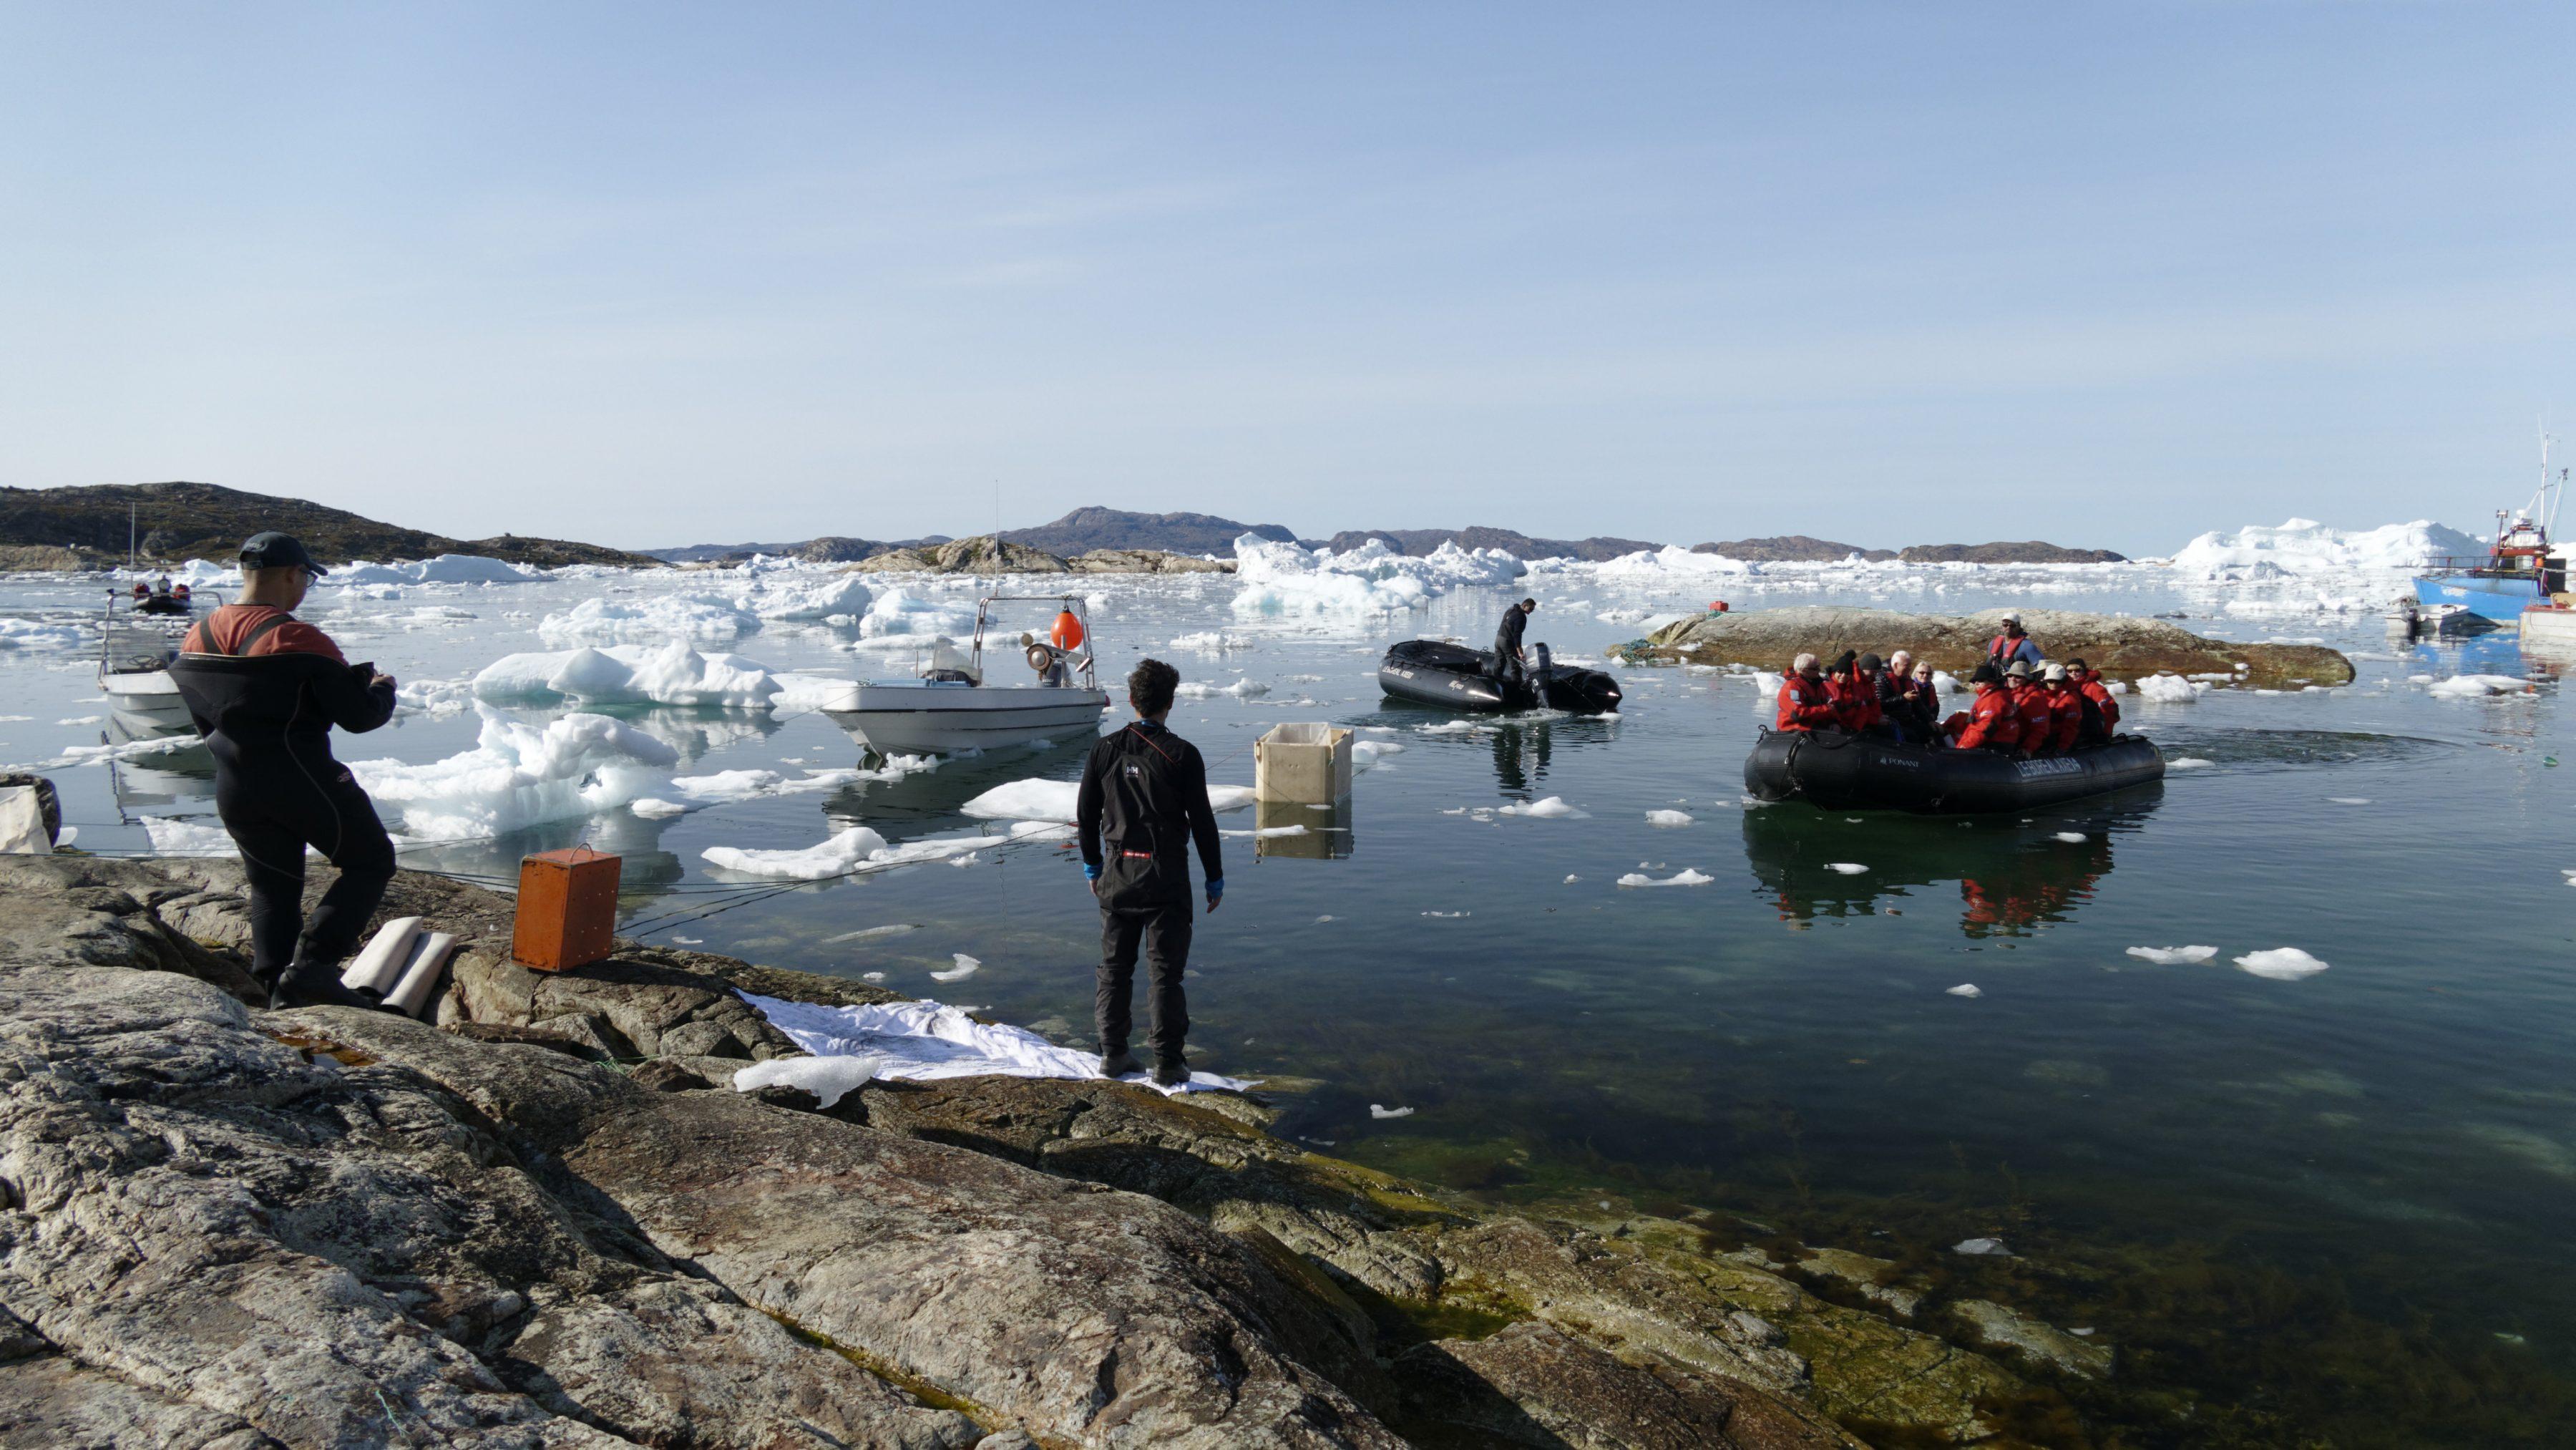 Le débarquement des passagers du Boréal se fait à même la roche